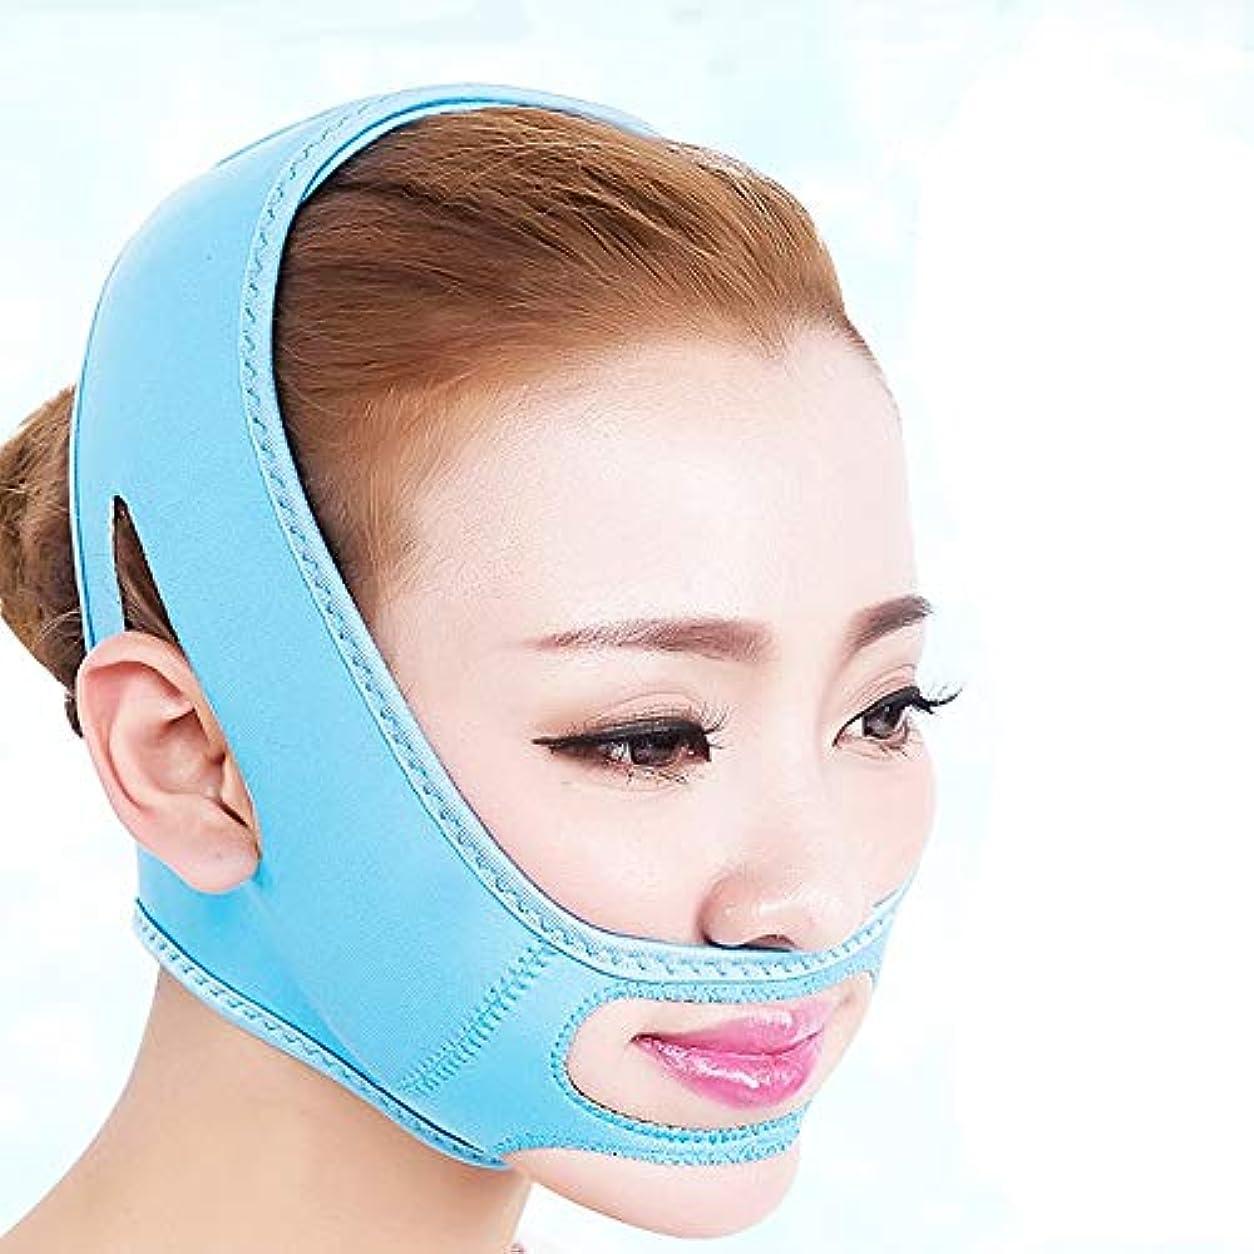 ガソリンマニュアル花瓶Vラインマスク、ネックマスクフェイスリフトVリフティングチンアップパッチダブルチンリデューサーネックリフト,Blue